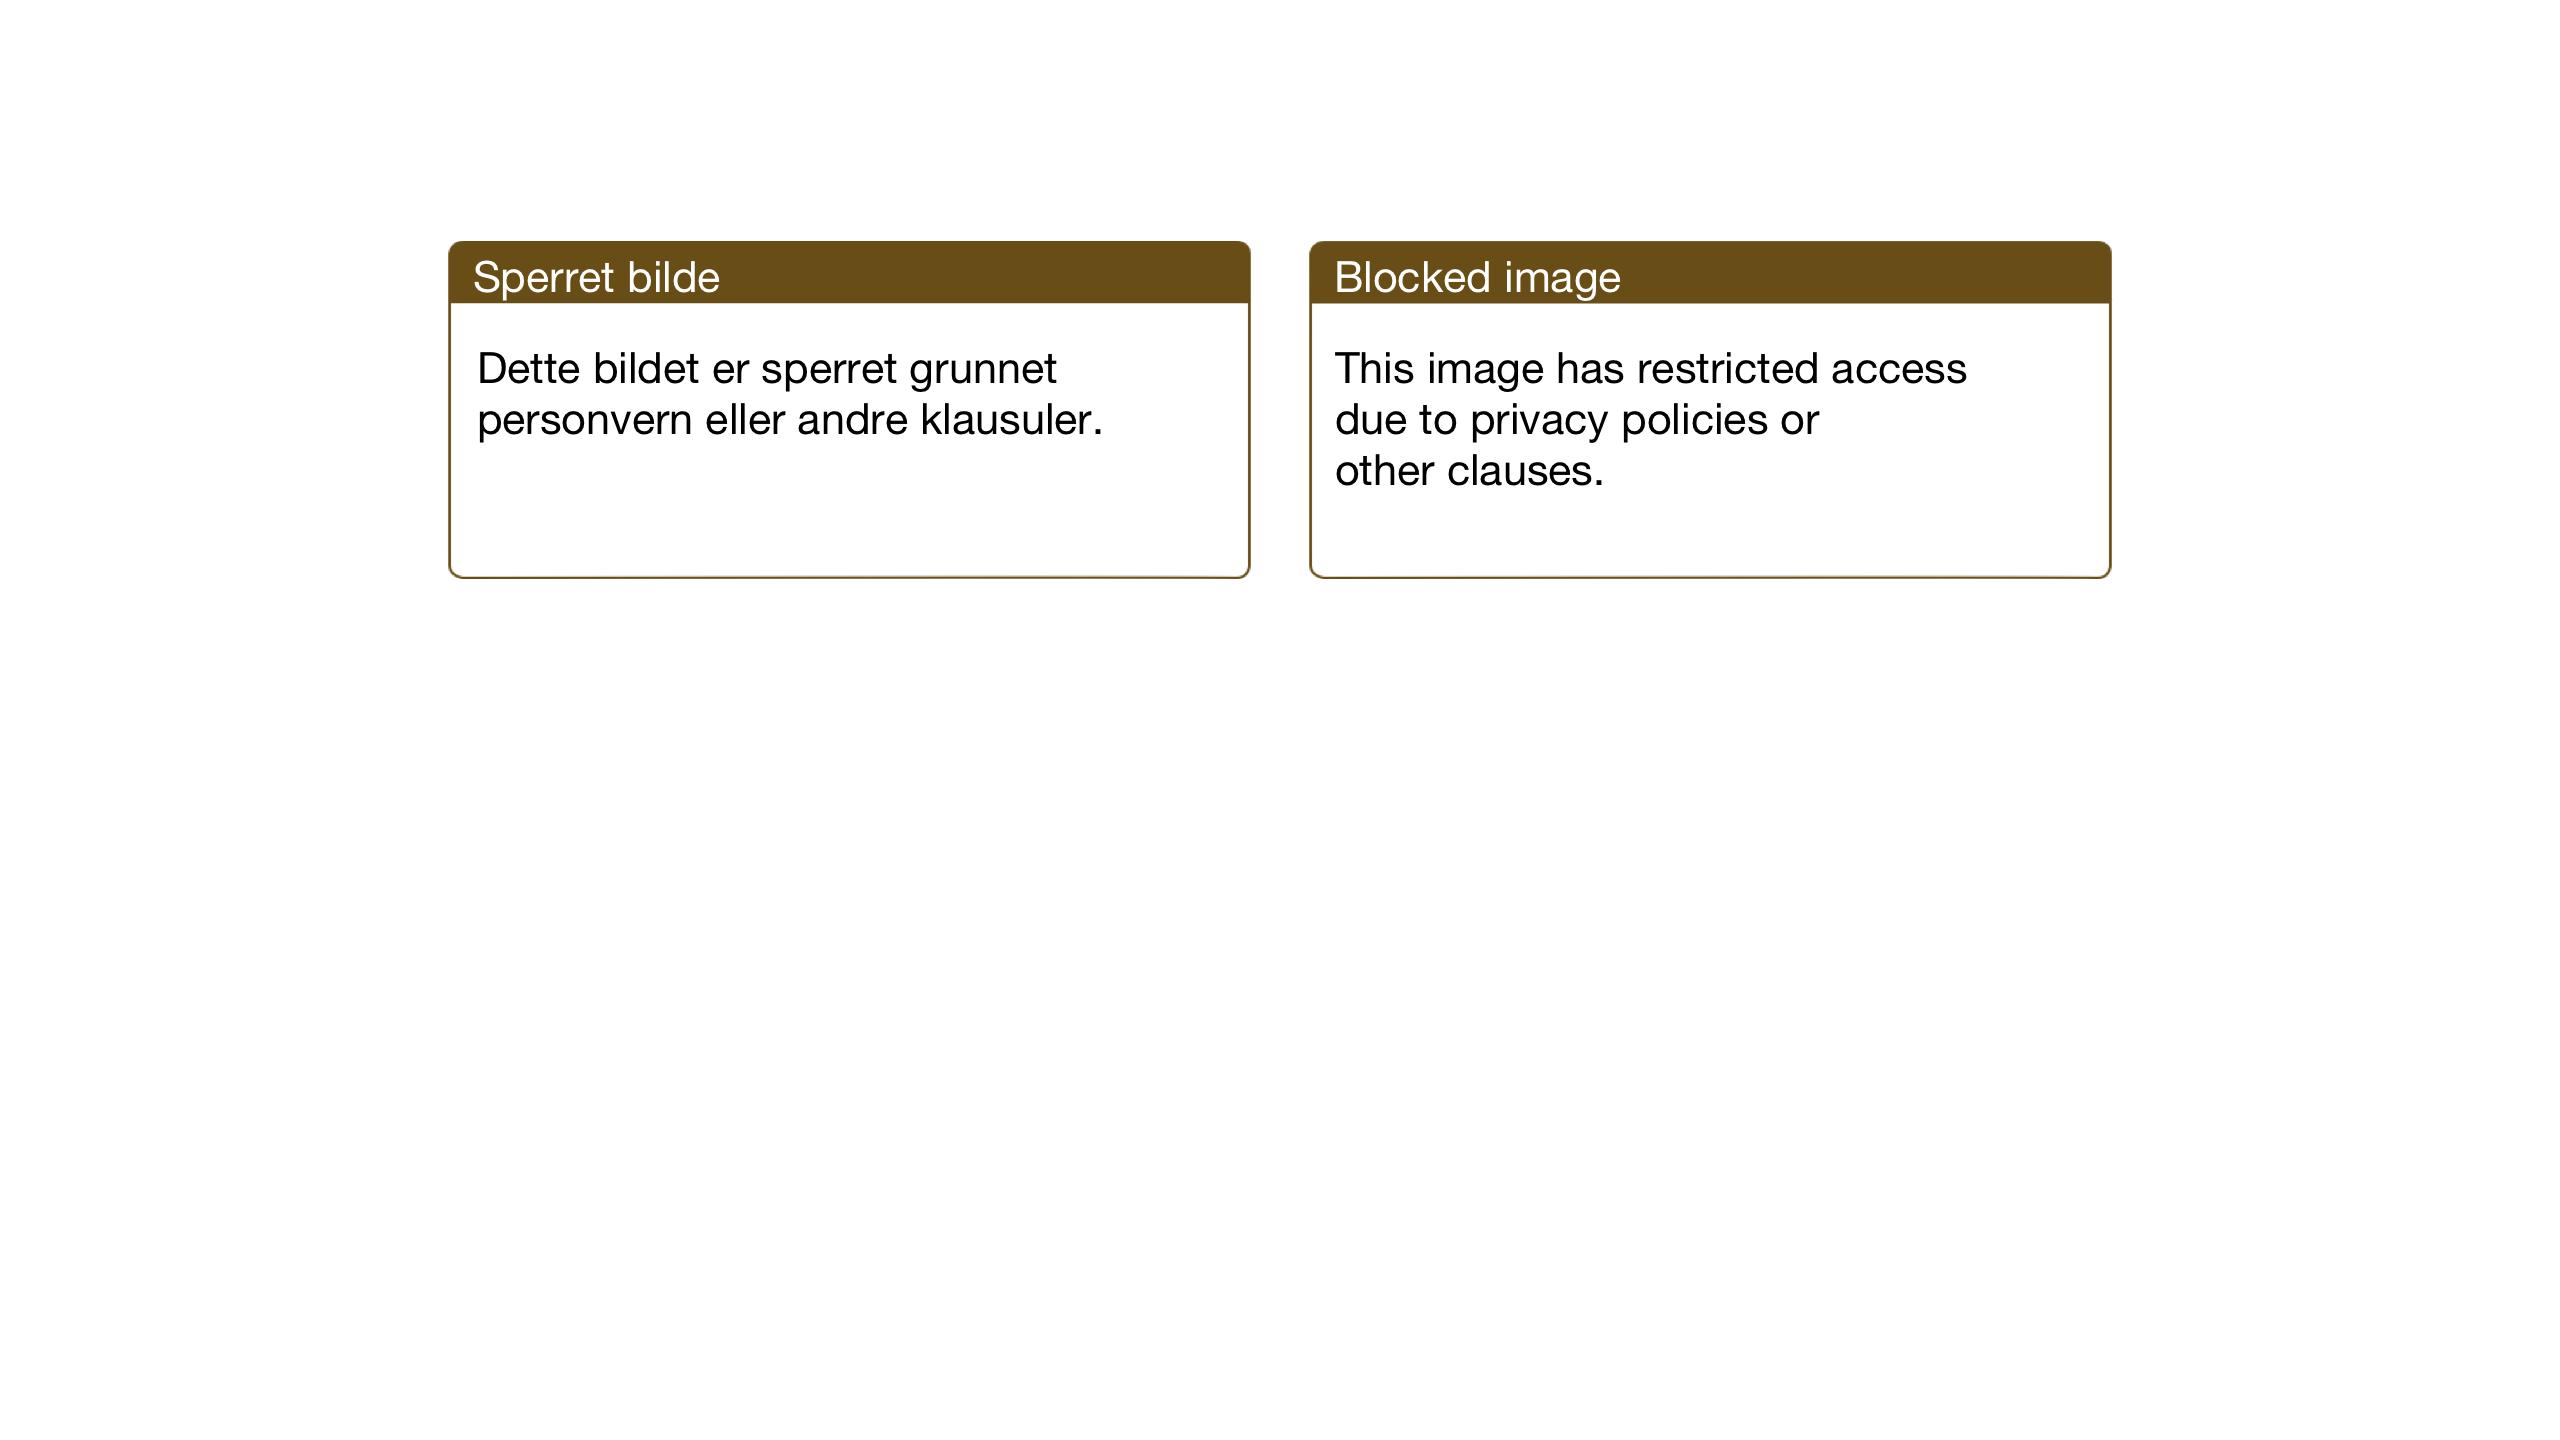 SAT, Ministerialprotokoller, klokkerbøker og fødselsregistre - Sør-Trøndelag, 603/L0174: Klokkerbok nr. 603C02, 1923-1951, s. 111